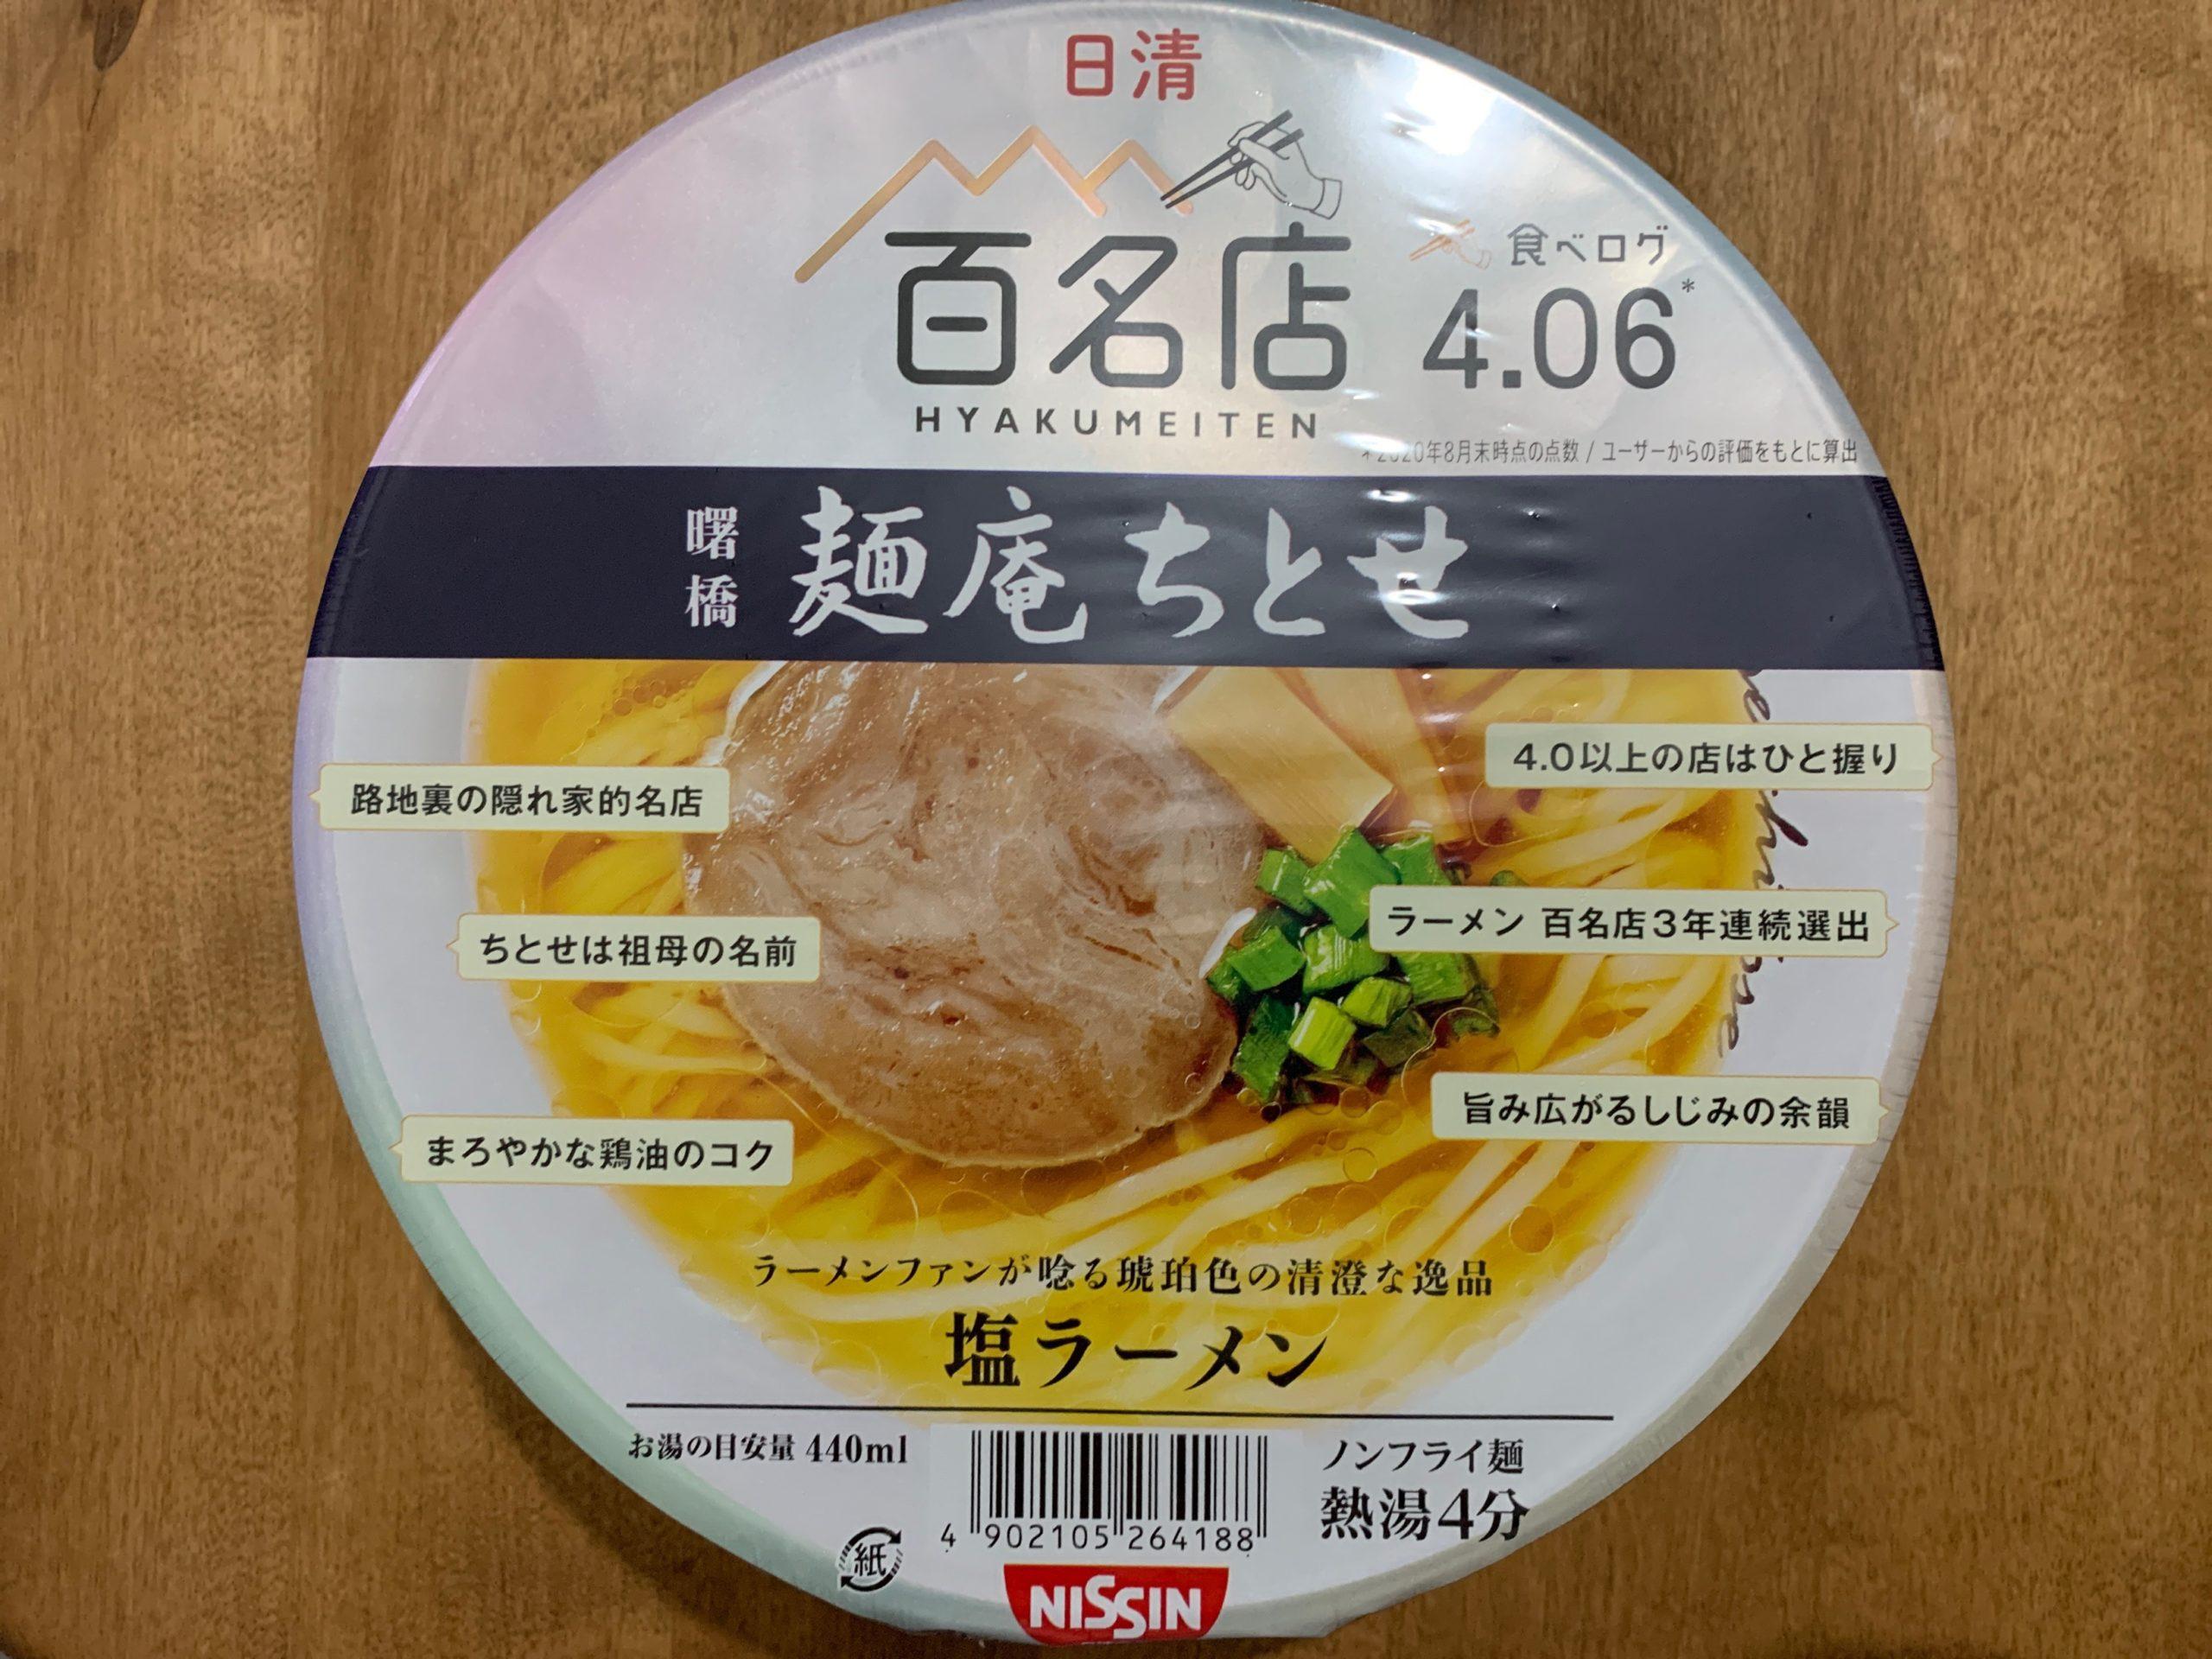 曙橋麺庵ちとせカップ麺の紹介